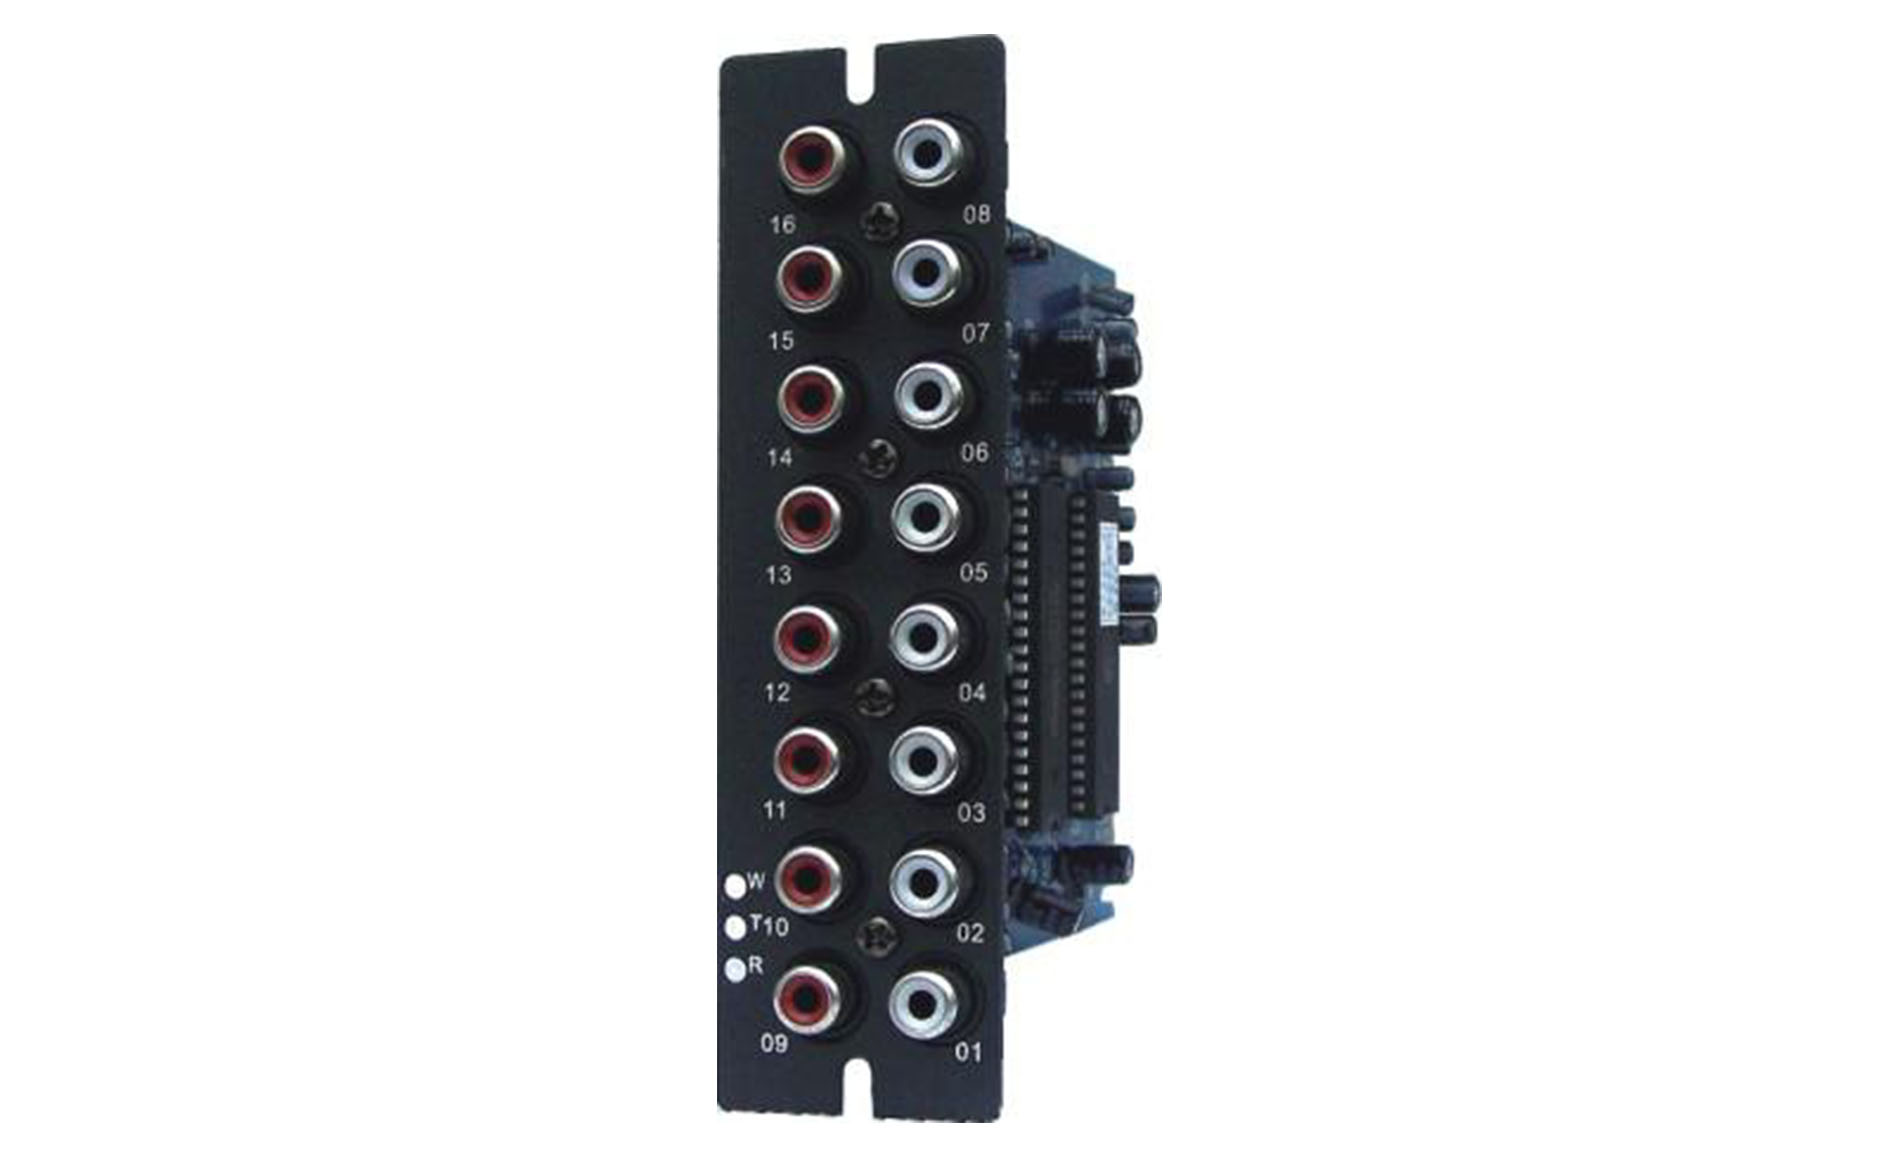 十六路矩阵输出模块K-6903